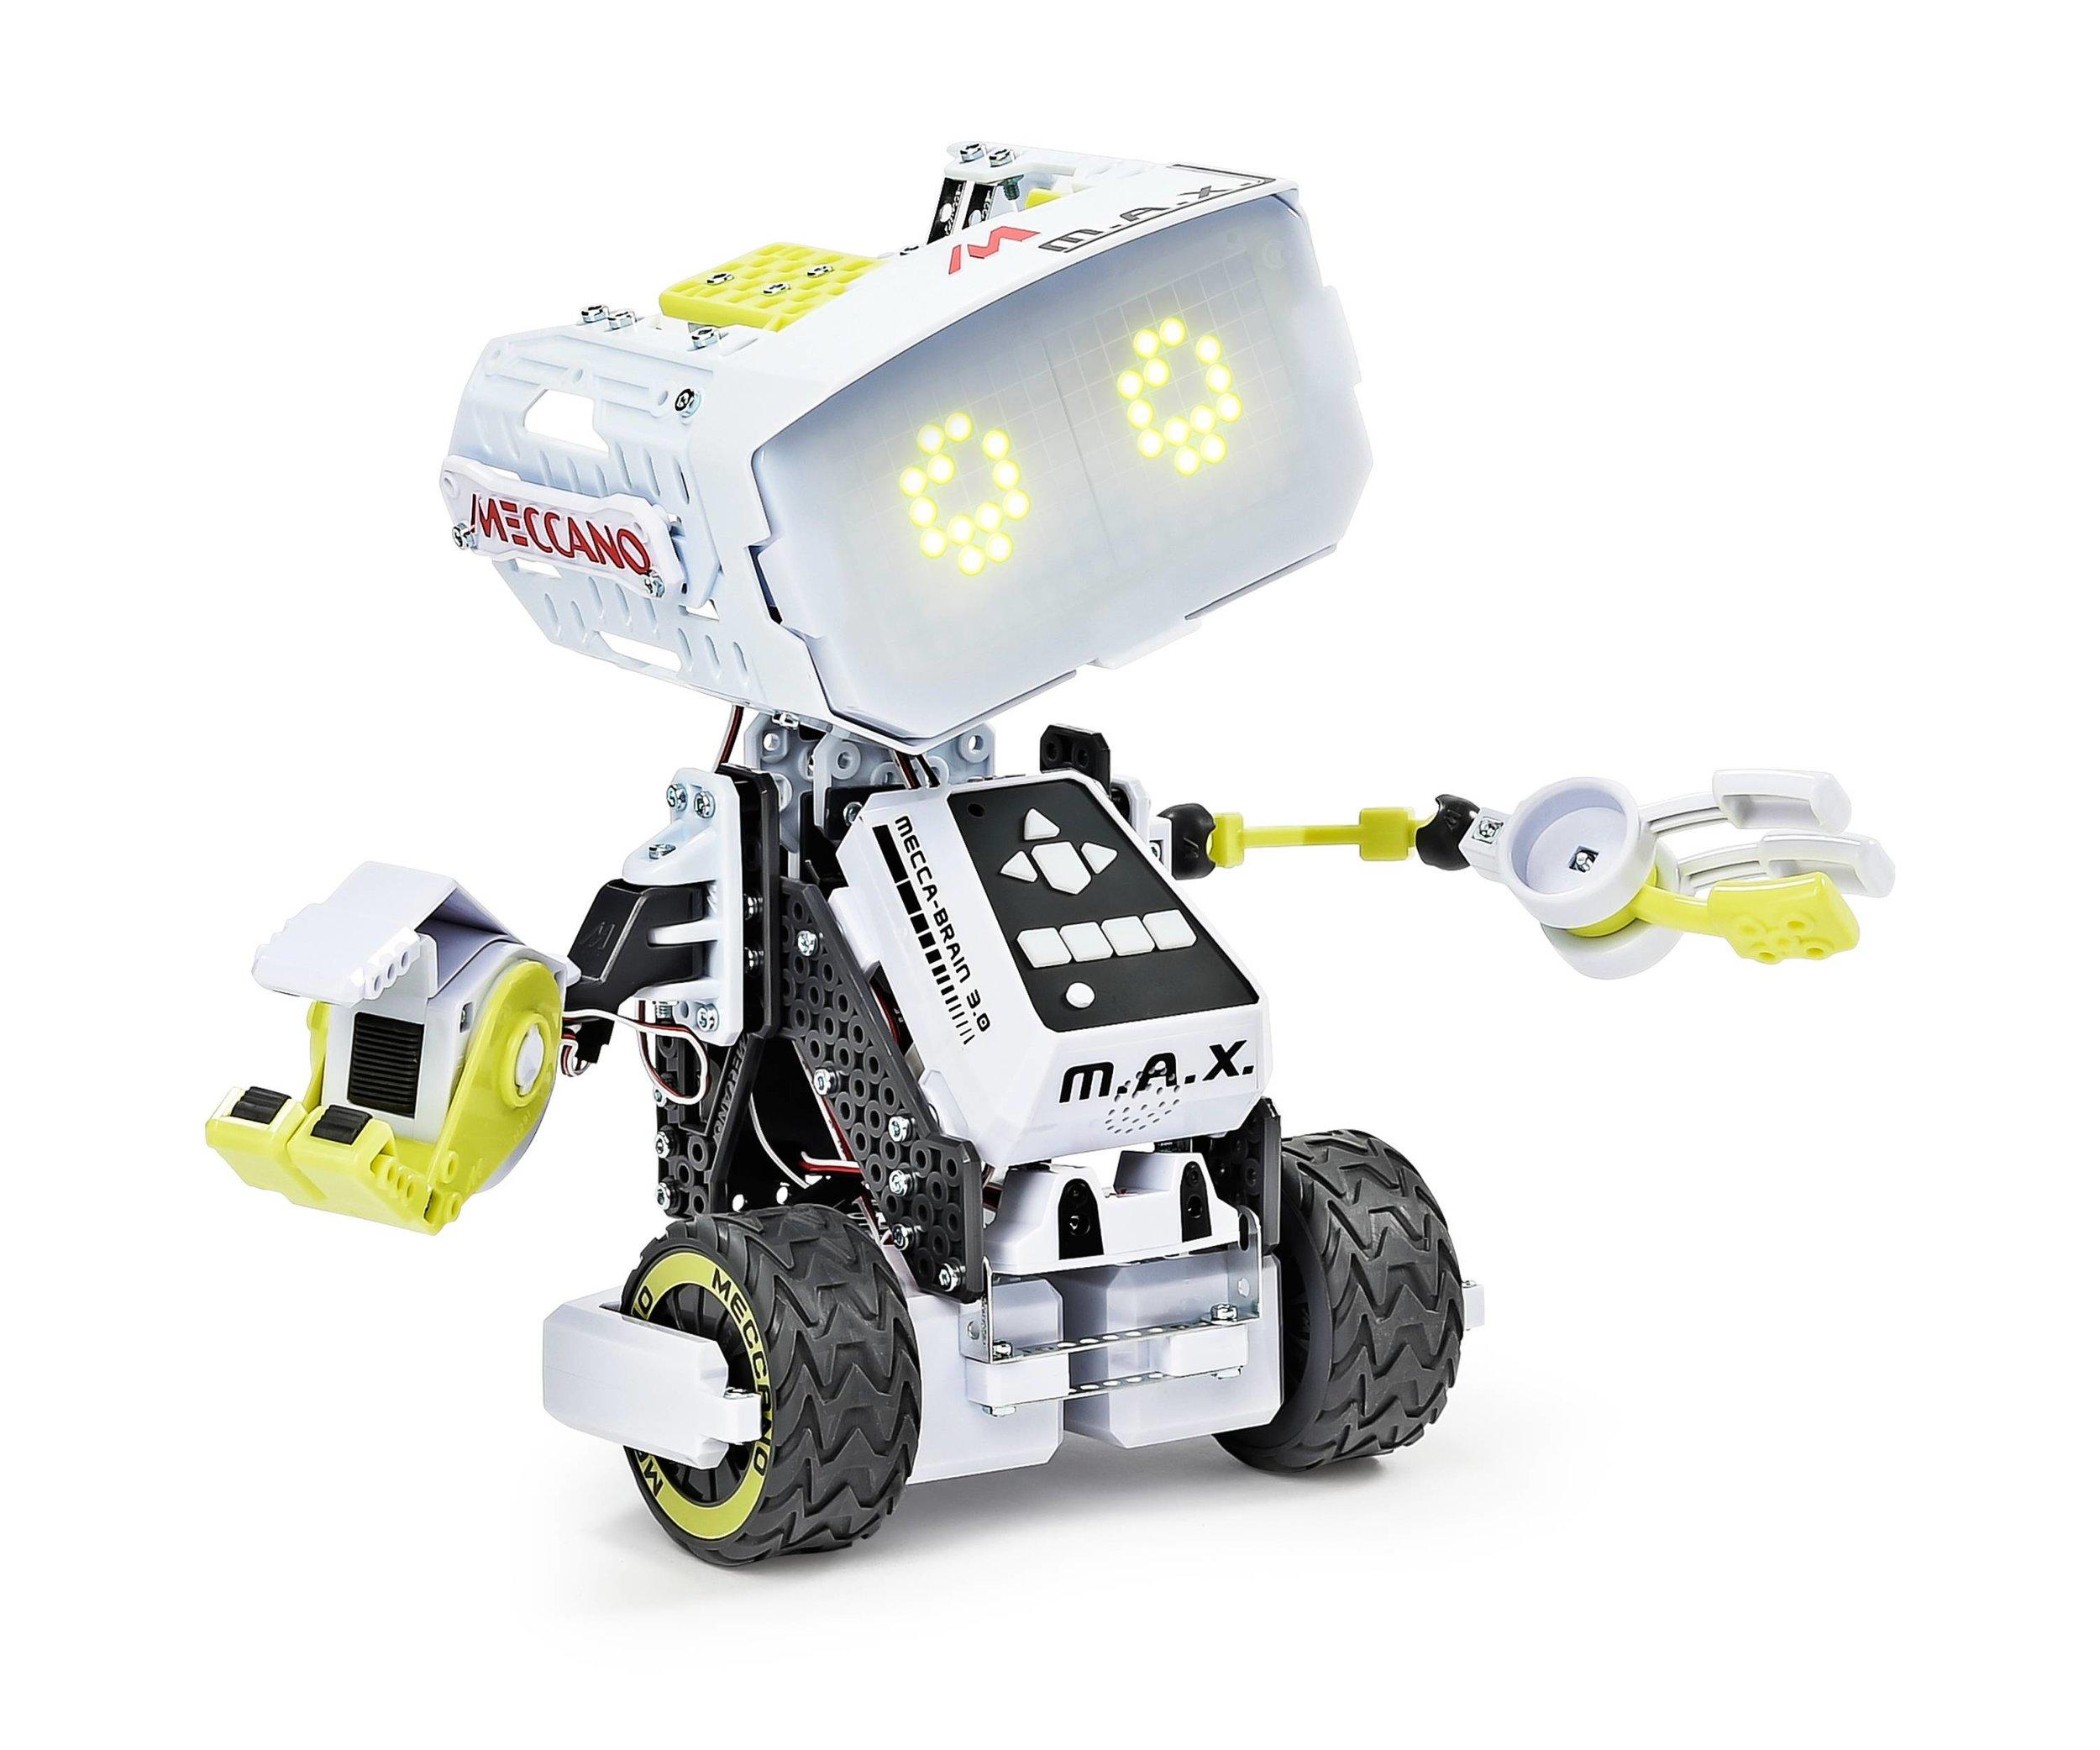 M.A.X Robotic